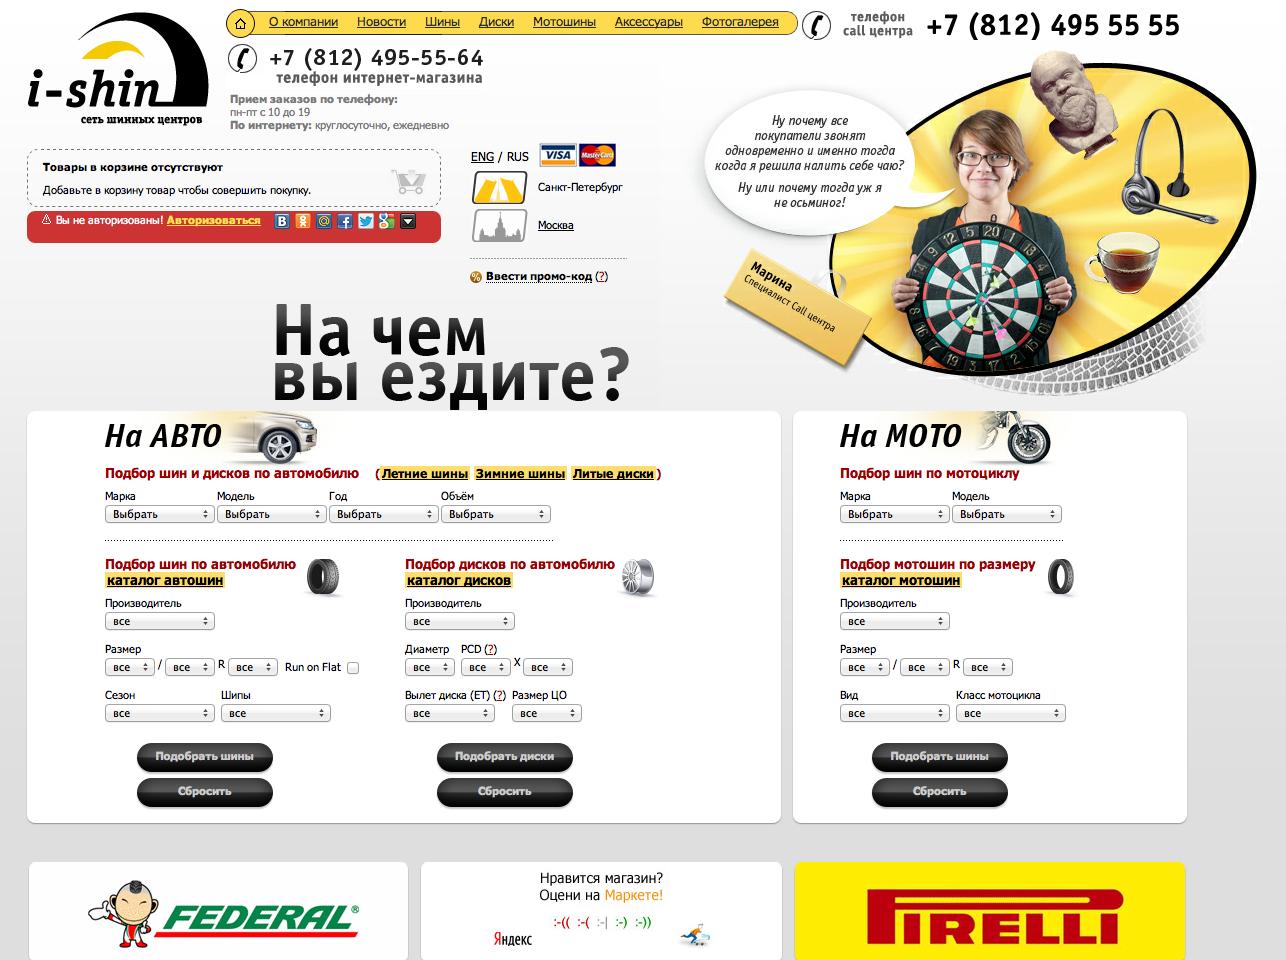 i-shin.ru